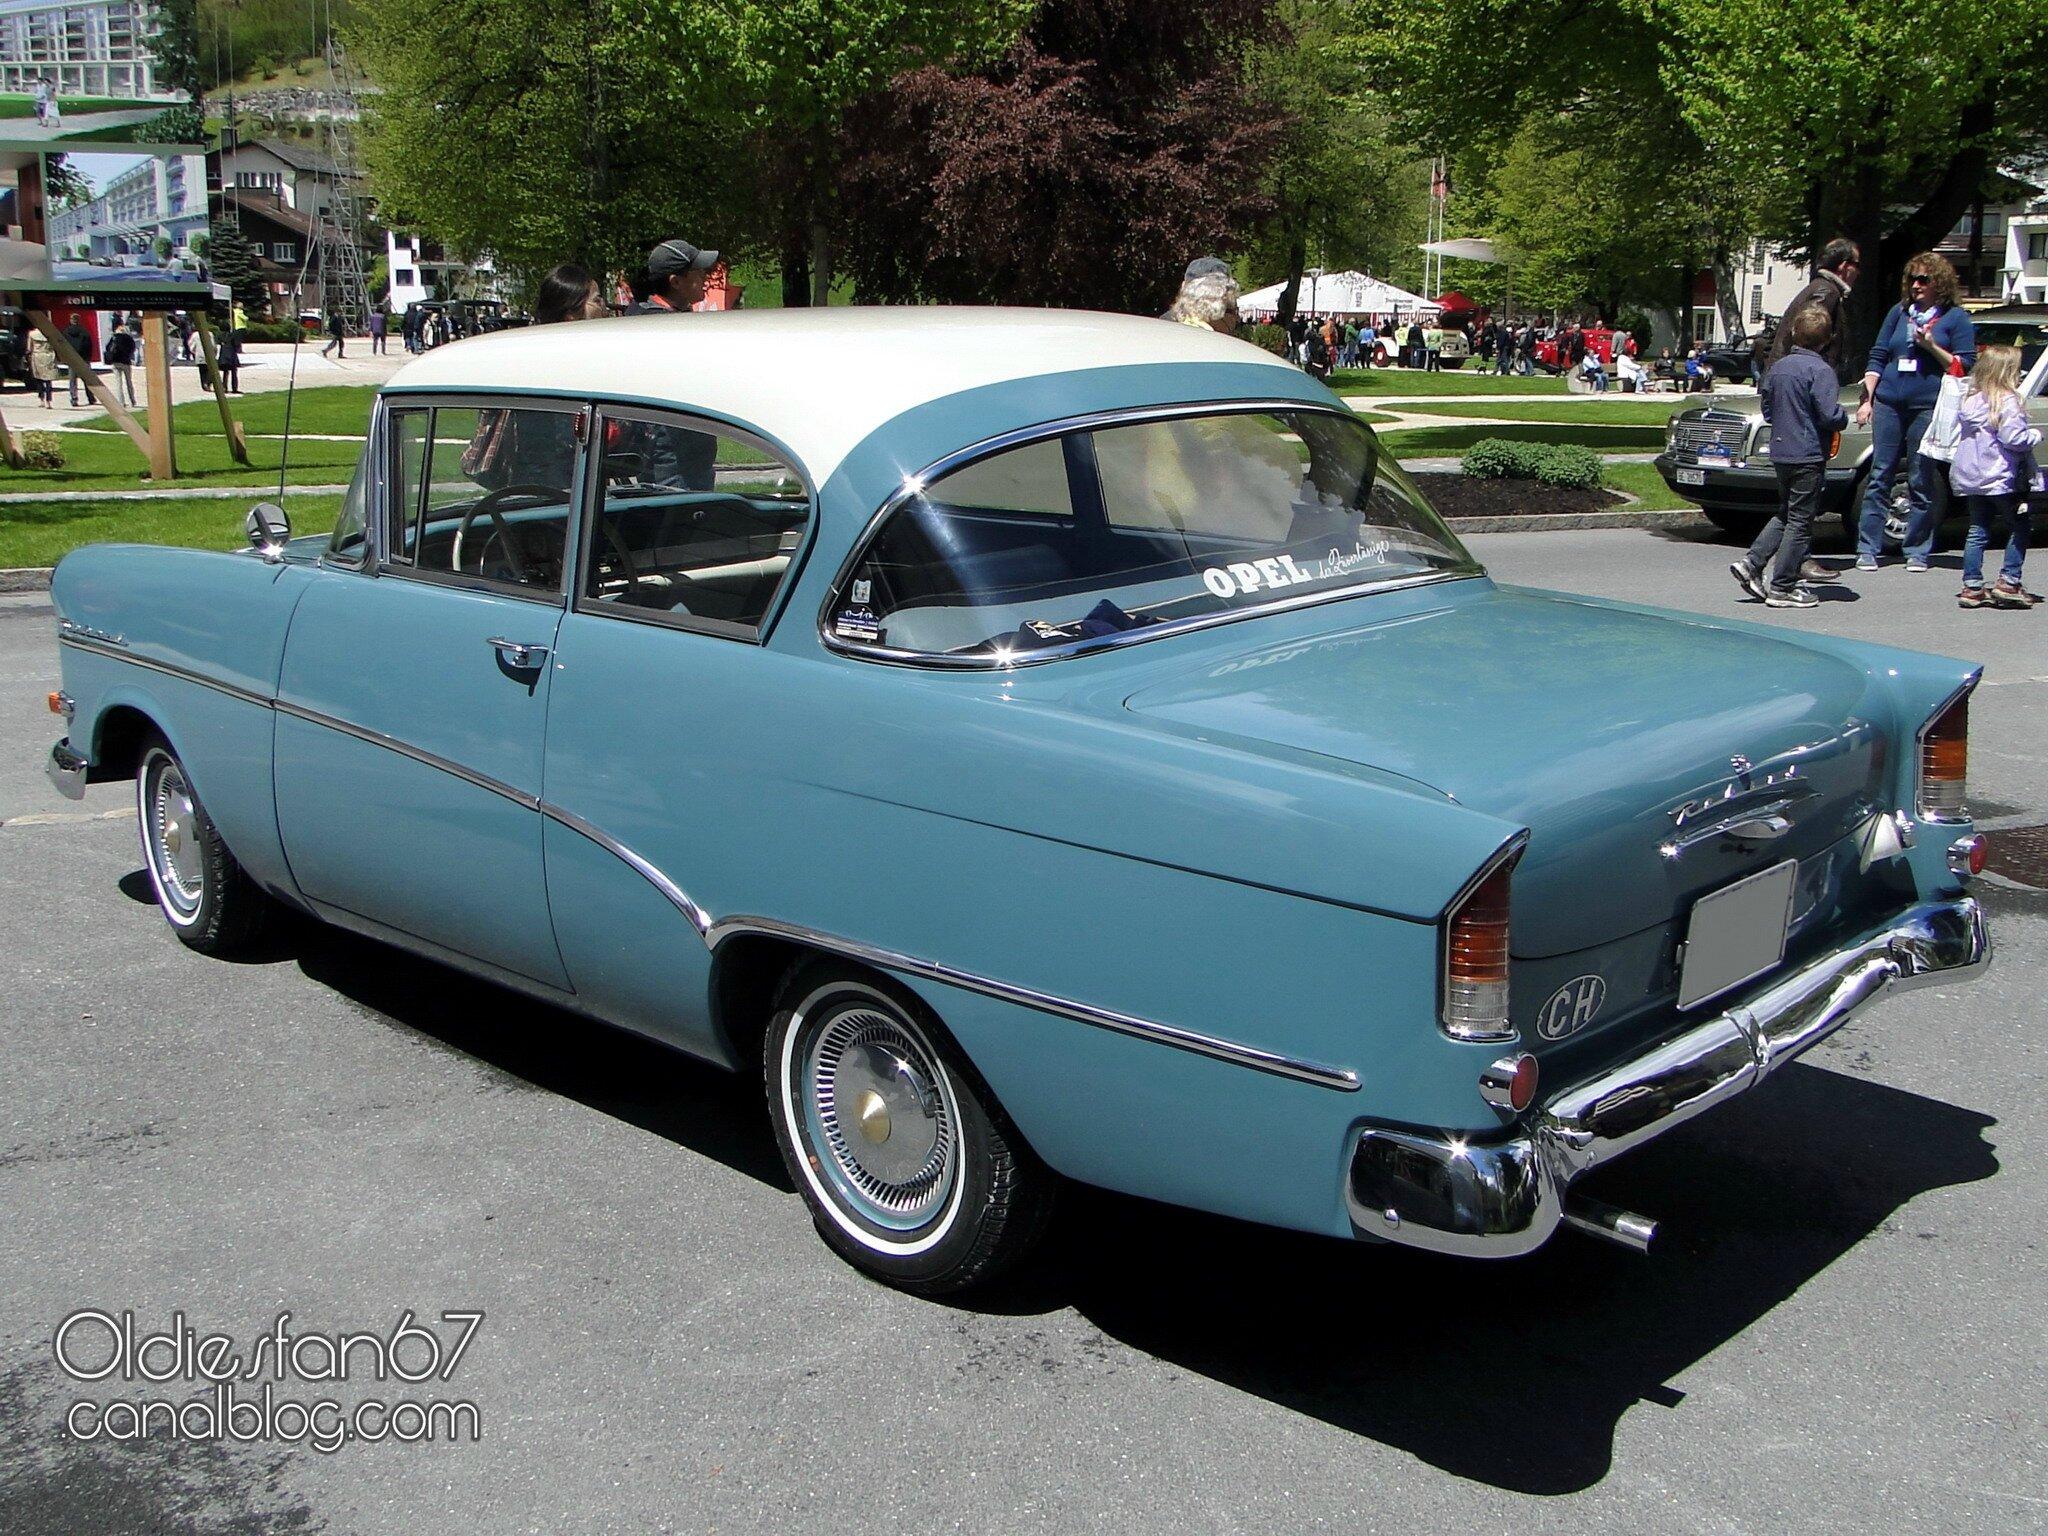 """Opel Rekord P1 1957-1960 - Oldiesfan67 """"Mon blog auto"""""""